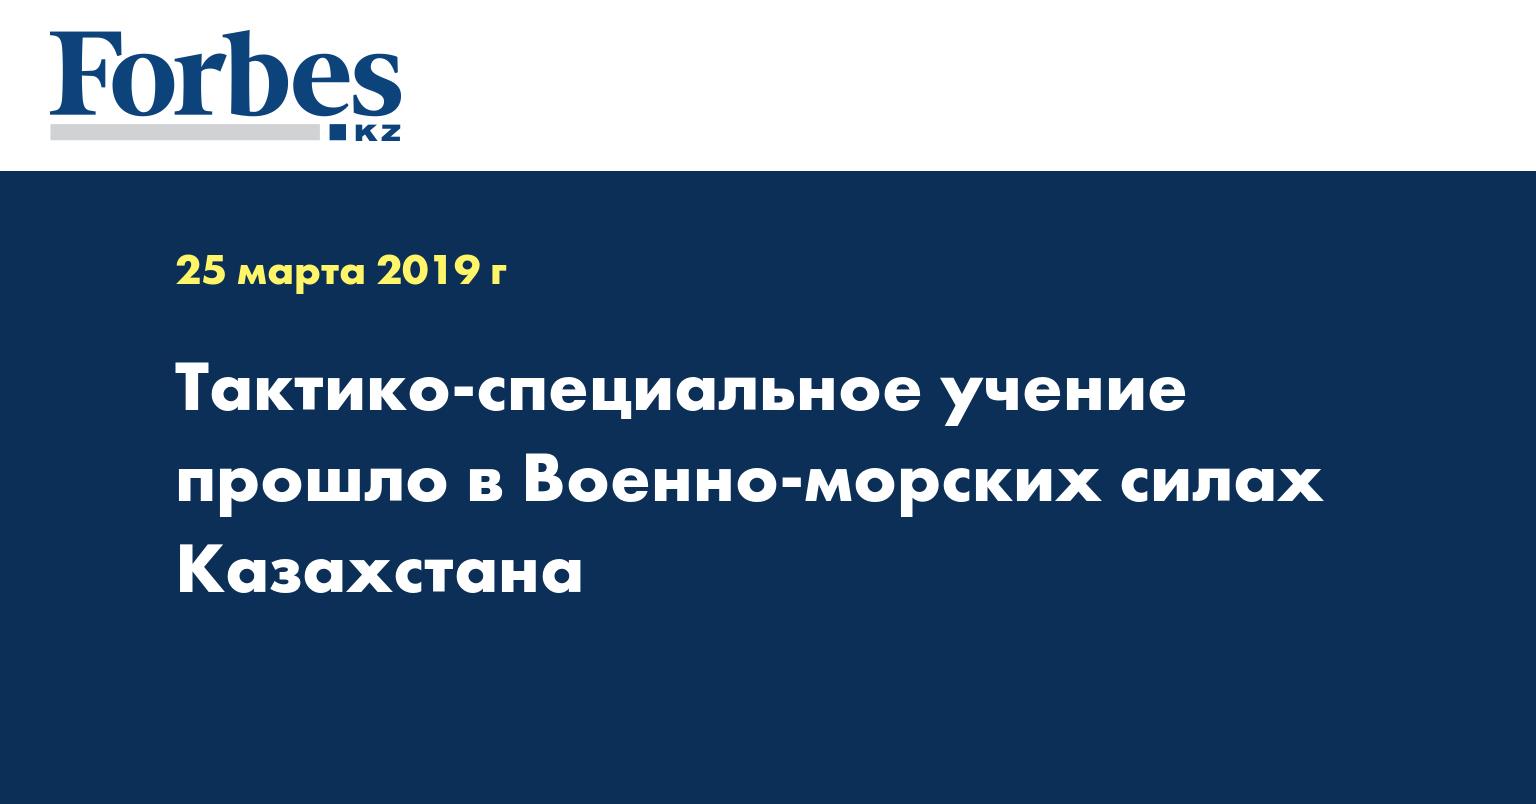 Тактико-специальное учение прошло в Военно-морских силах Казахстана